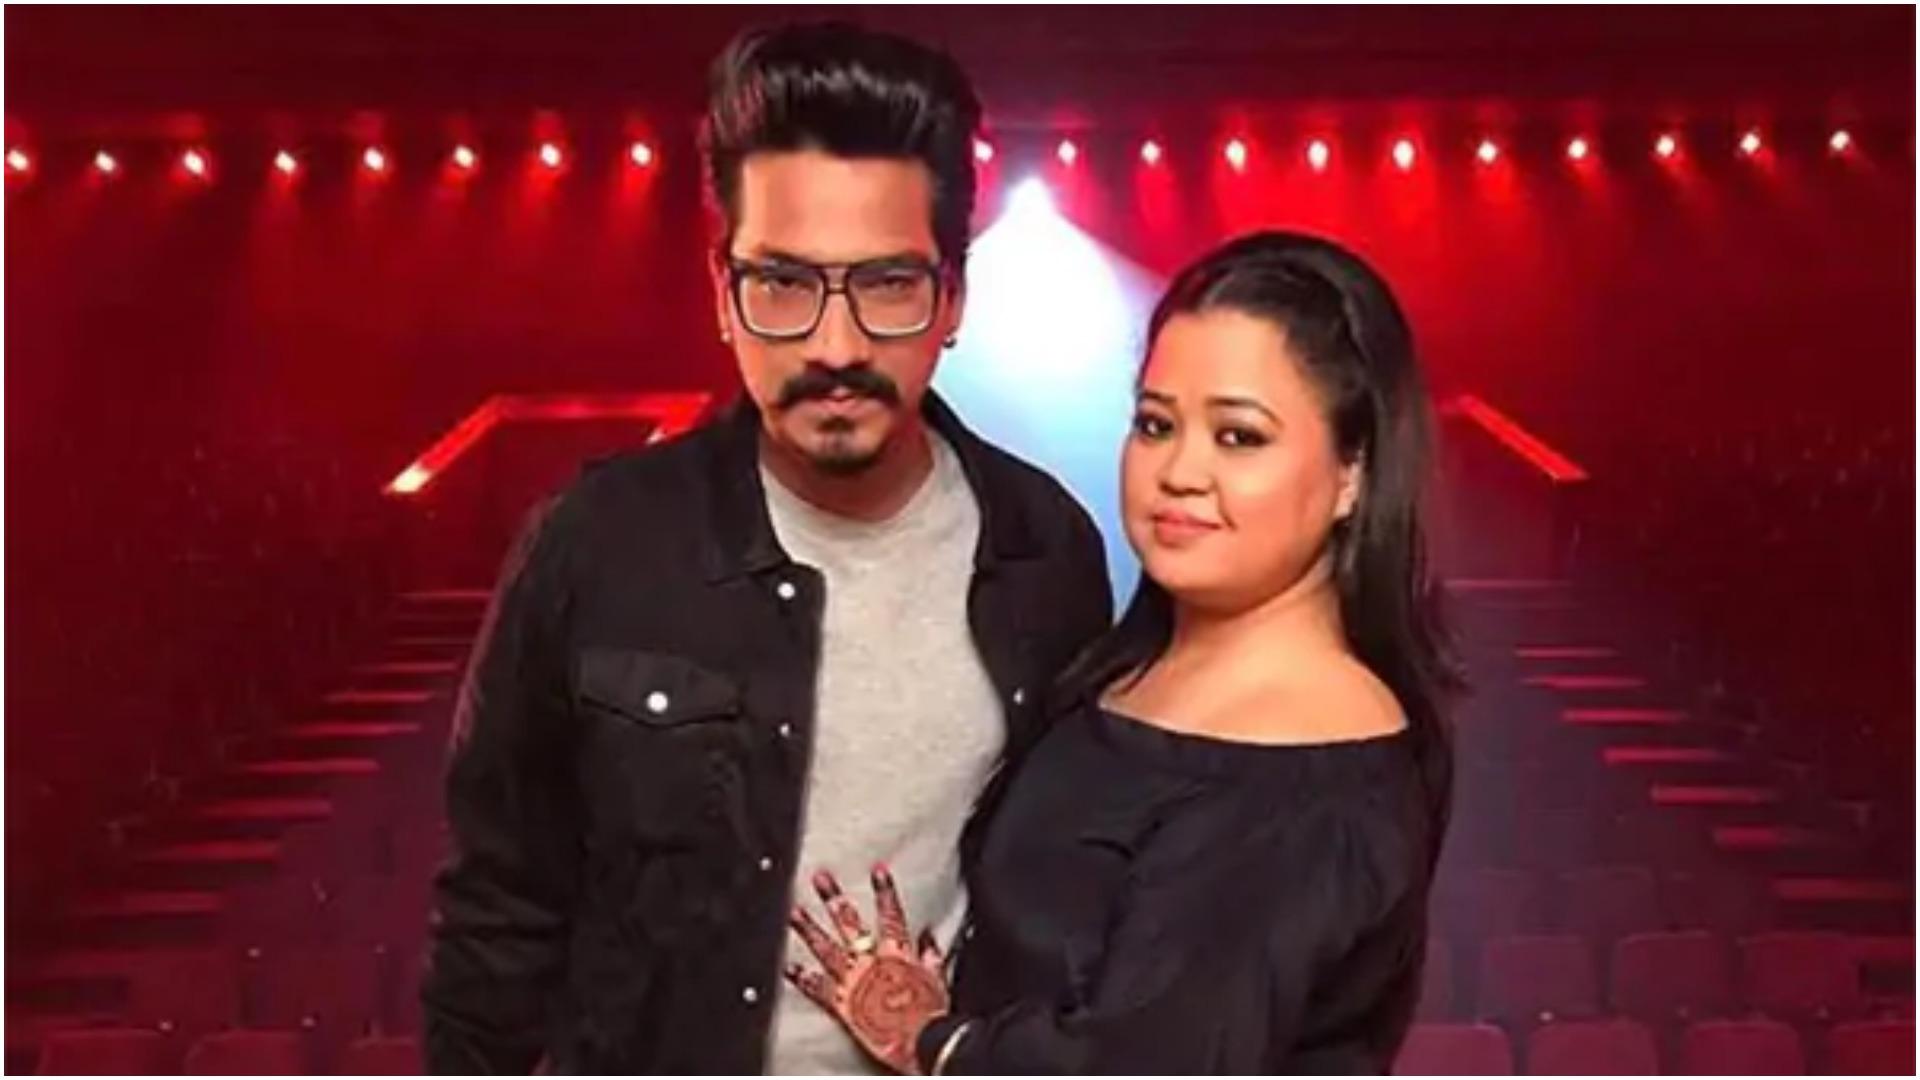 एक्सक्लूसिव: भारती सिंह के पति हर्ष ने बनवाया विकास गुप्ता के नाम का टैटू, ऐसा था उनका रिएक्शन